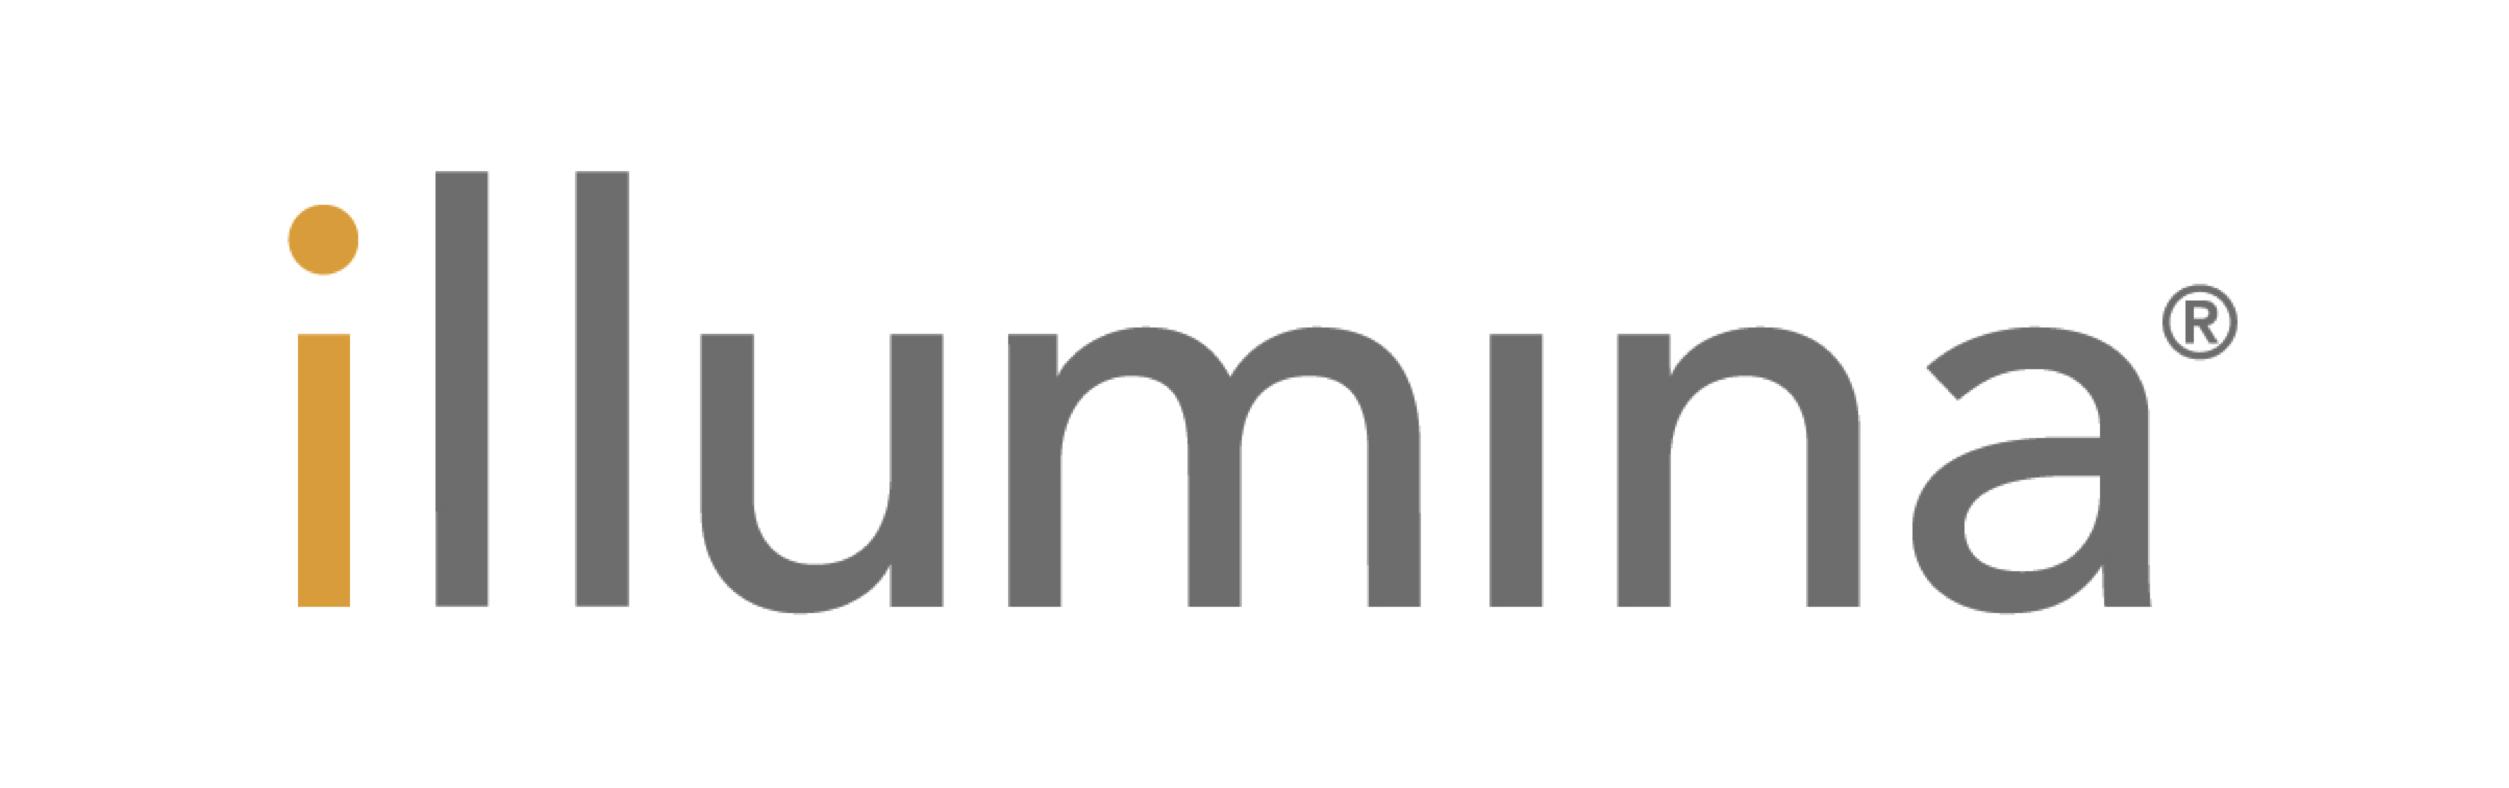 illumina_inc.png